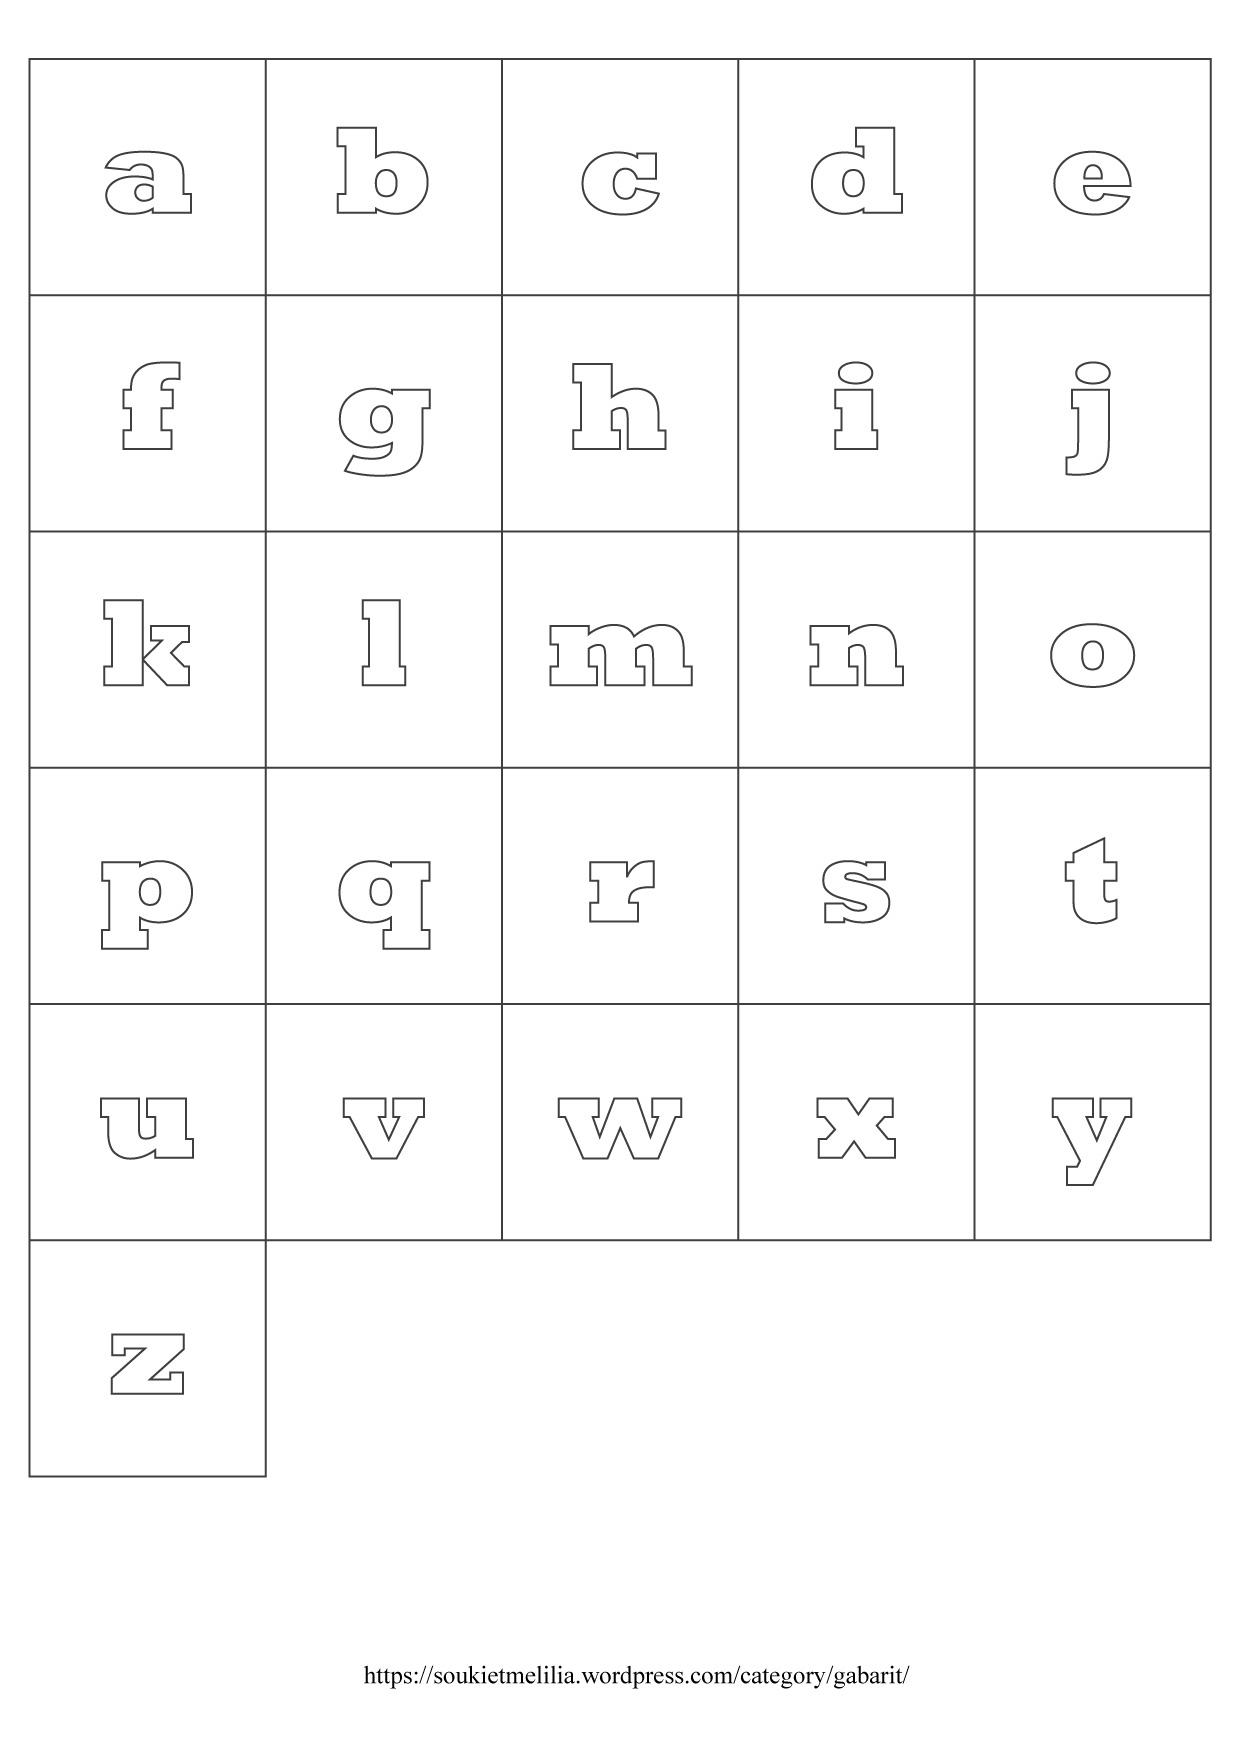 Gabarits Alphabet À Télécharger Au Format Pdf – Souki Et Mélilia pour L Alphabet Minuscule